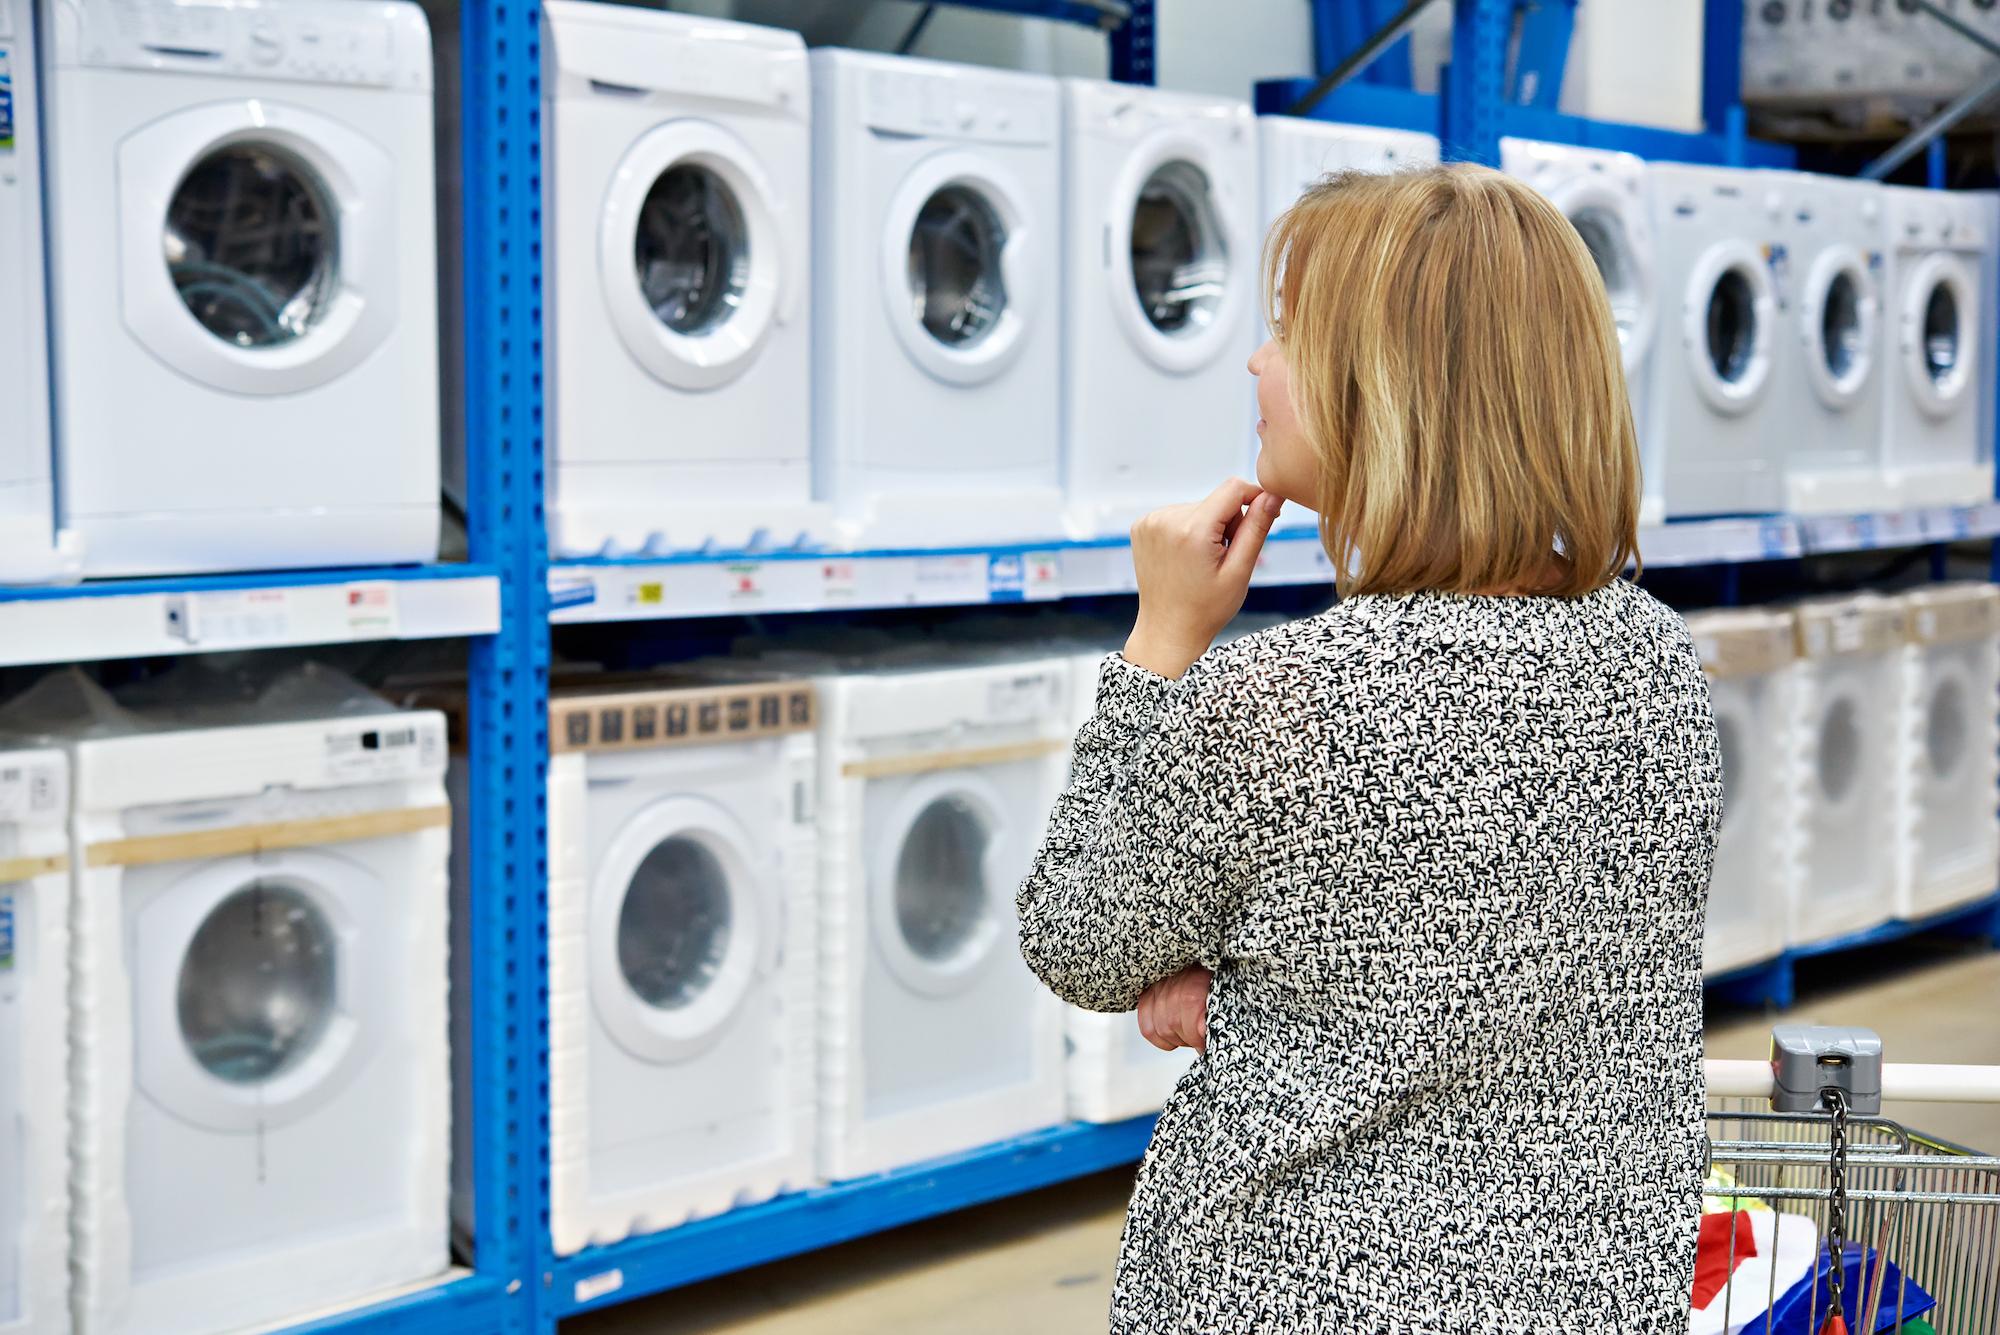 die richtige waschmaschine finden wir testen waschmaschinen. Black Bedroom Furniture Sets. Home Design Ideas